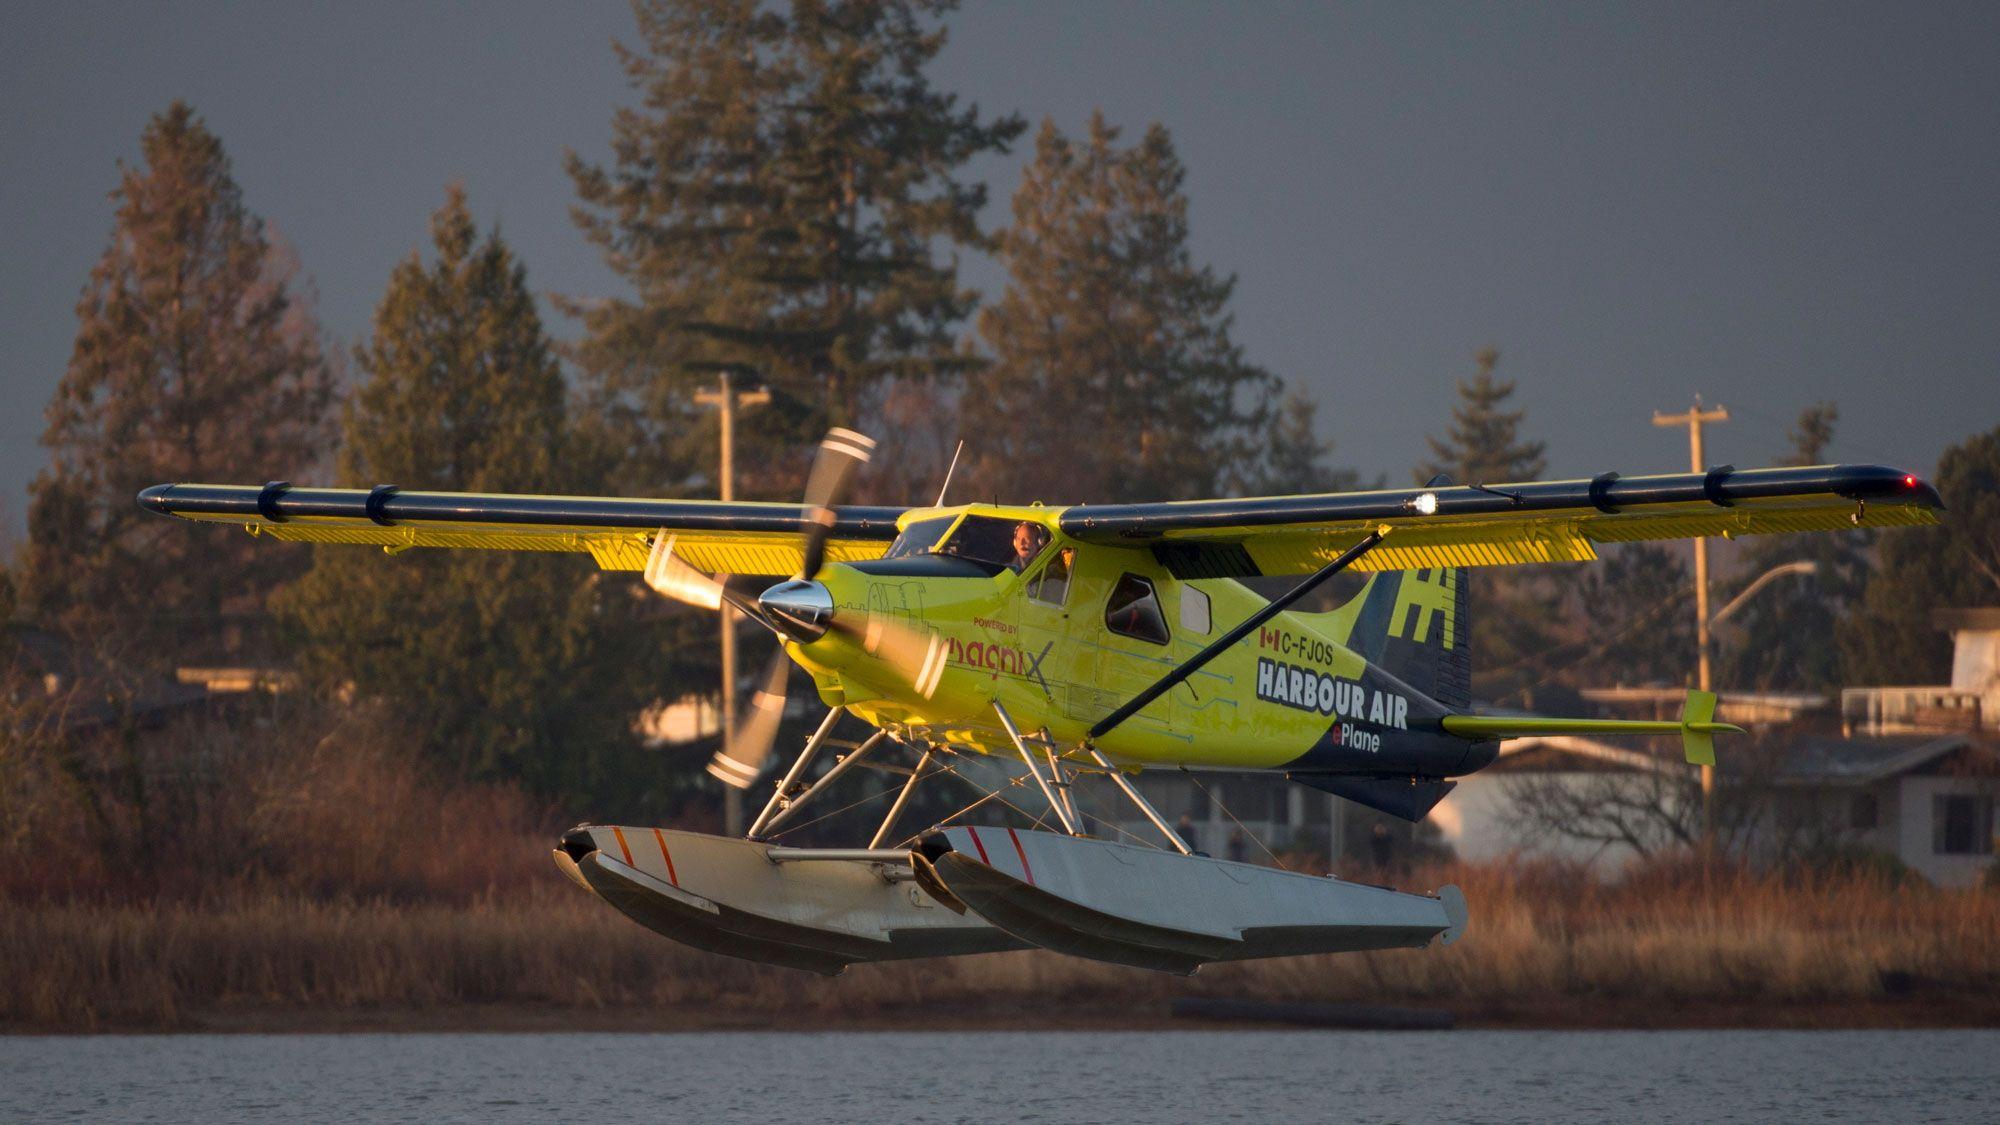 完全電気商用飛行機が初飛行に成功、電化への一歩踏み出す